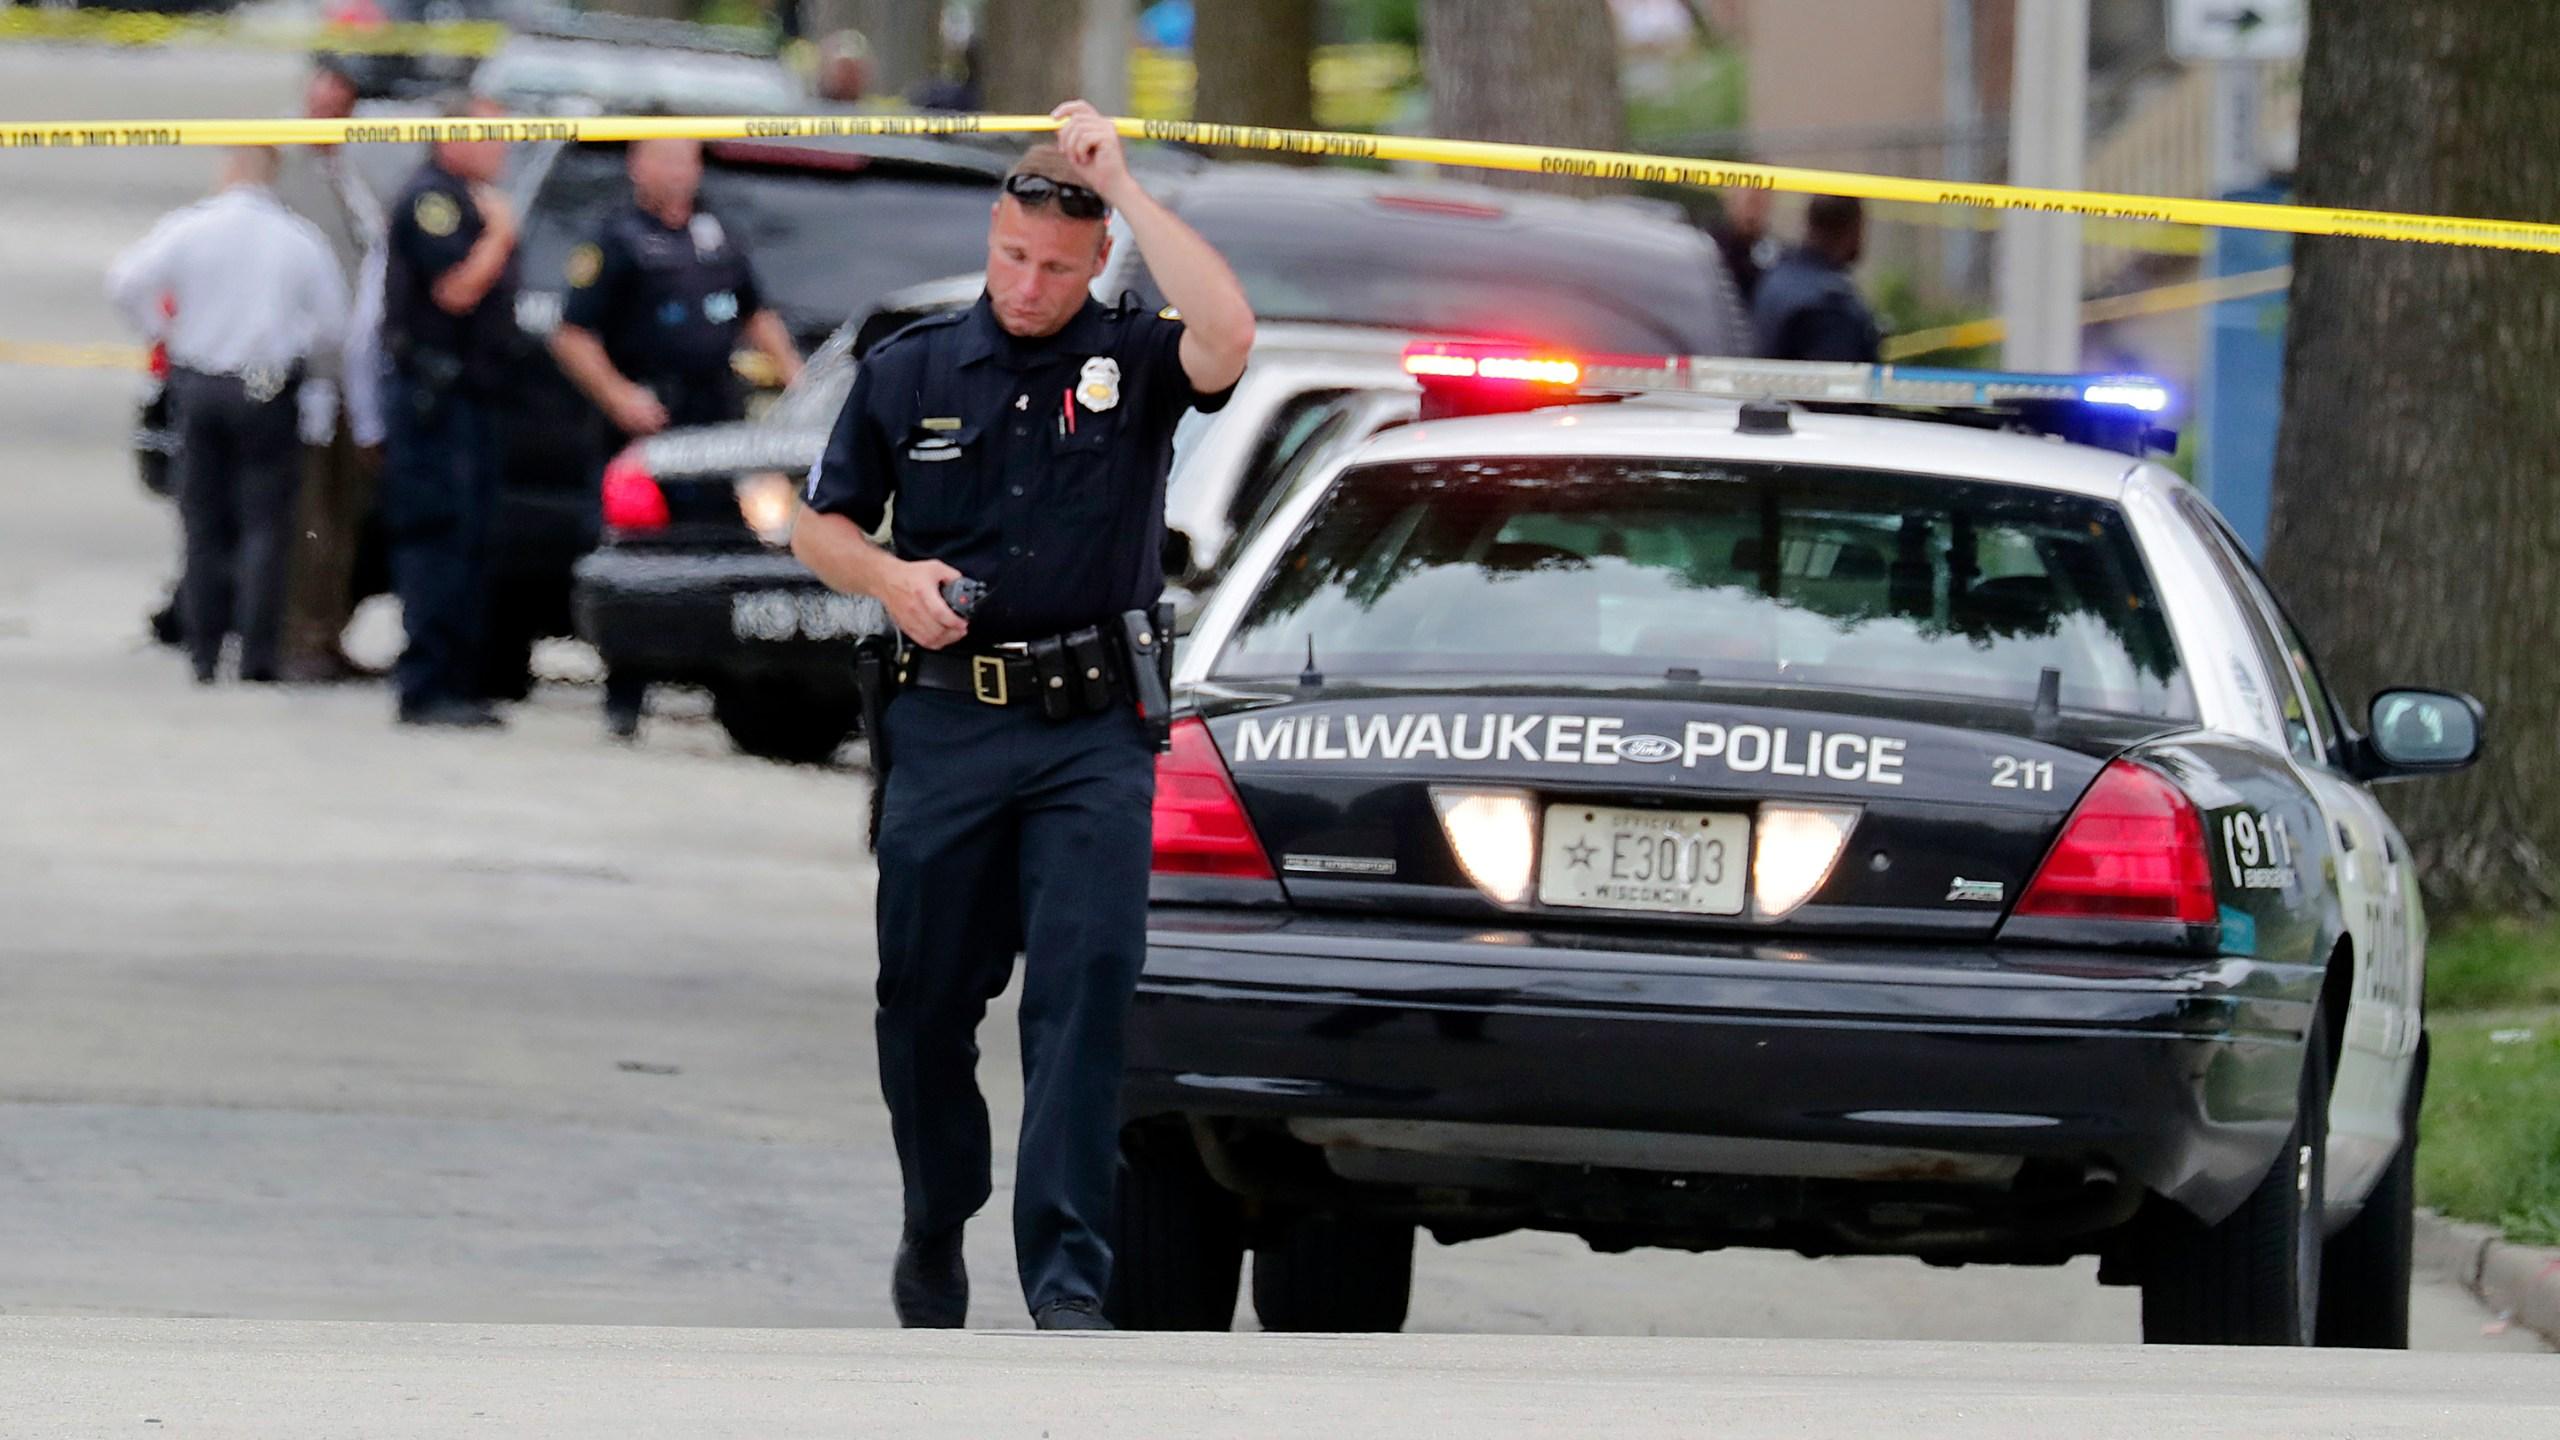 Officer_Shot_Milwaukee_59982-159532.jpg63409057